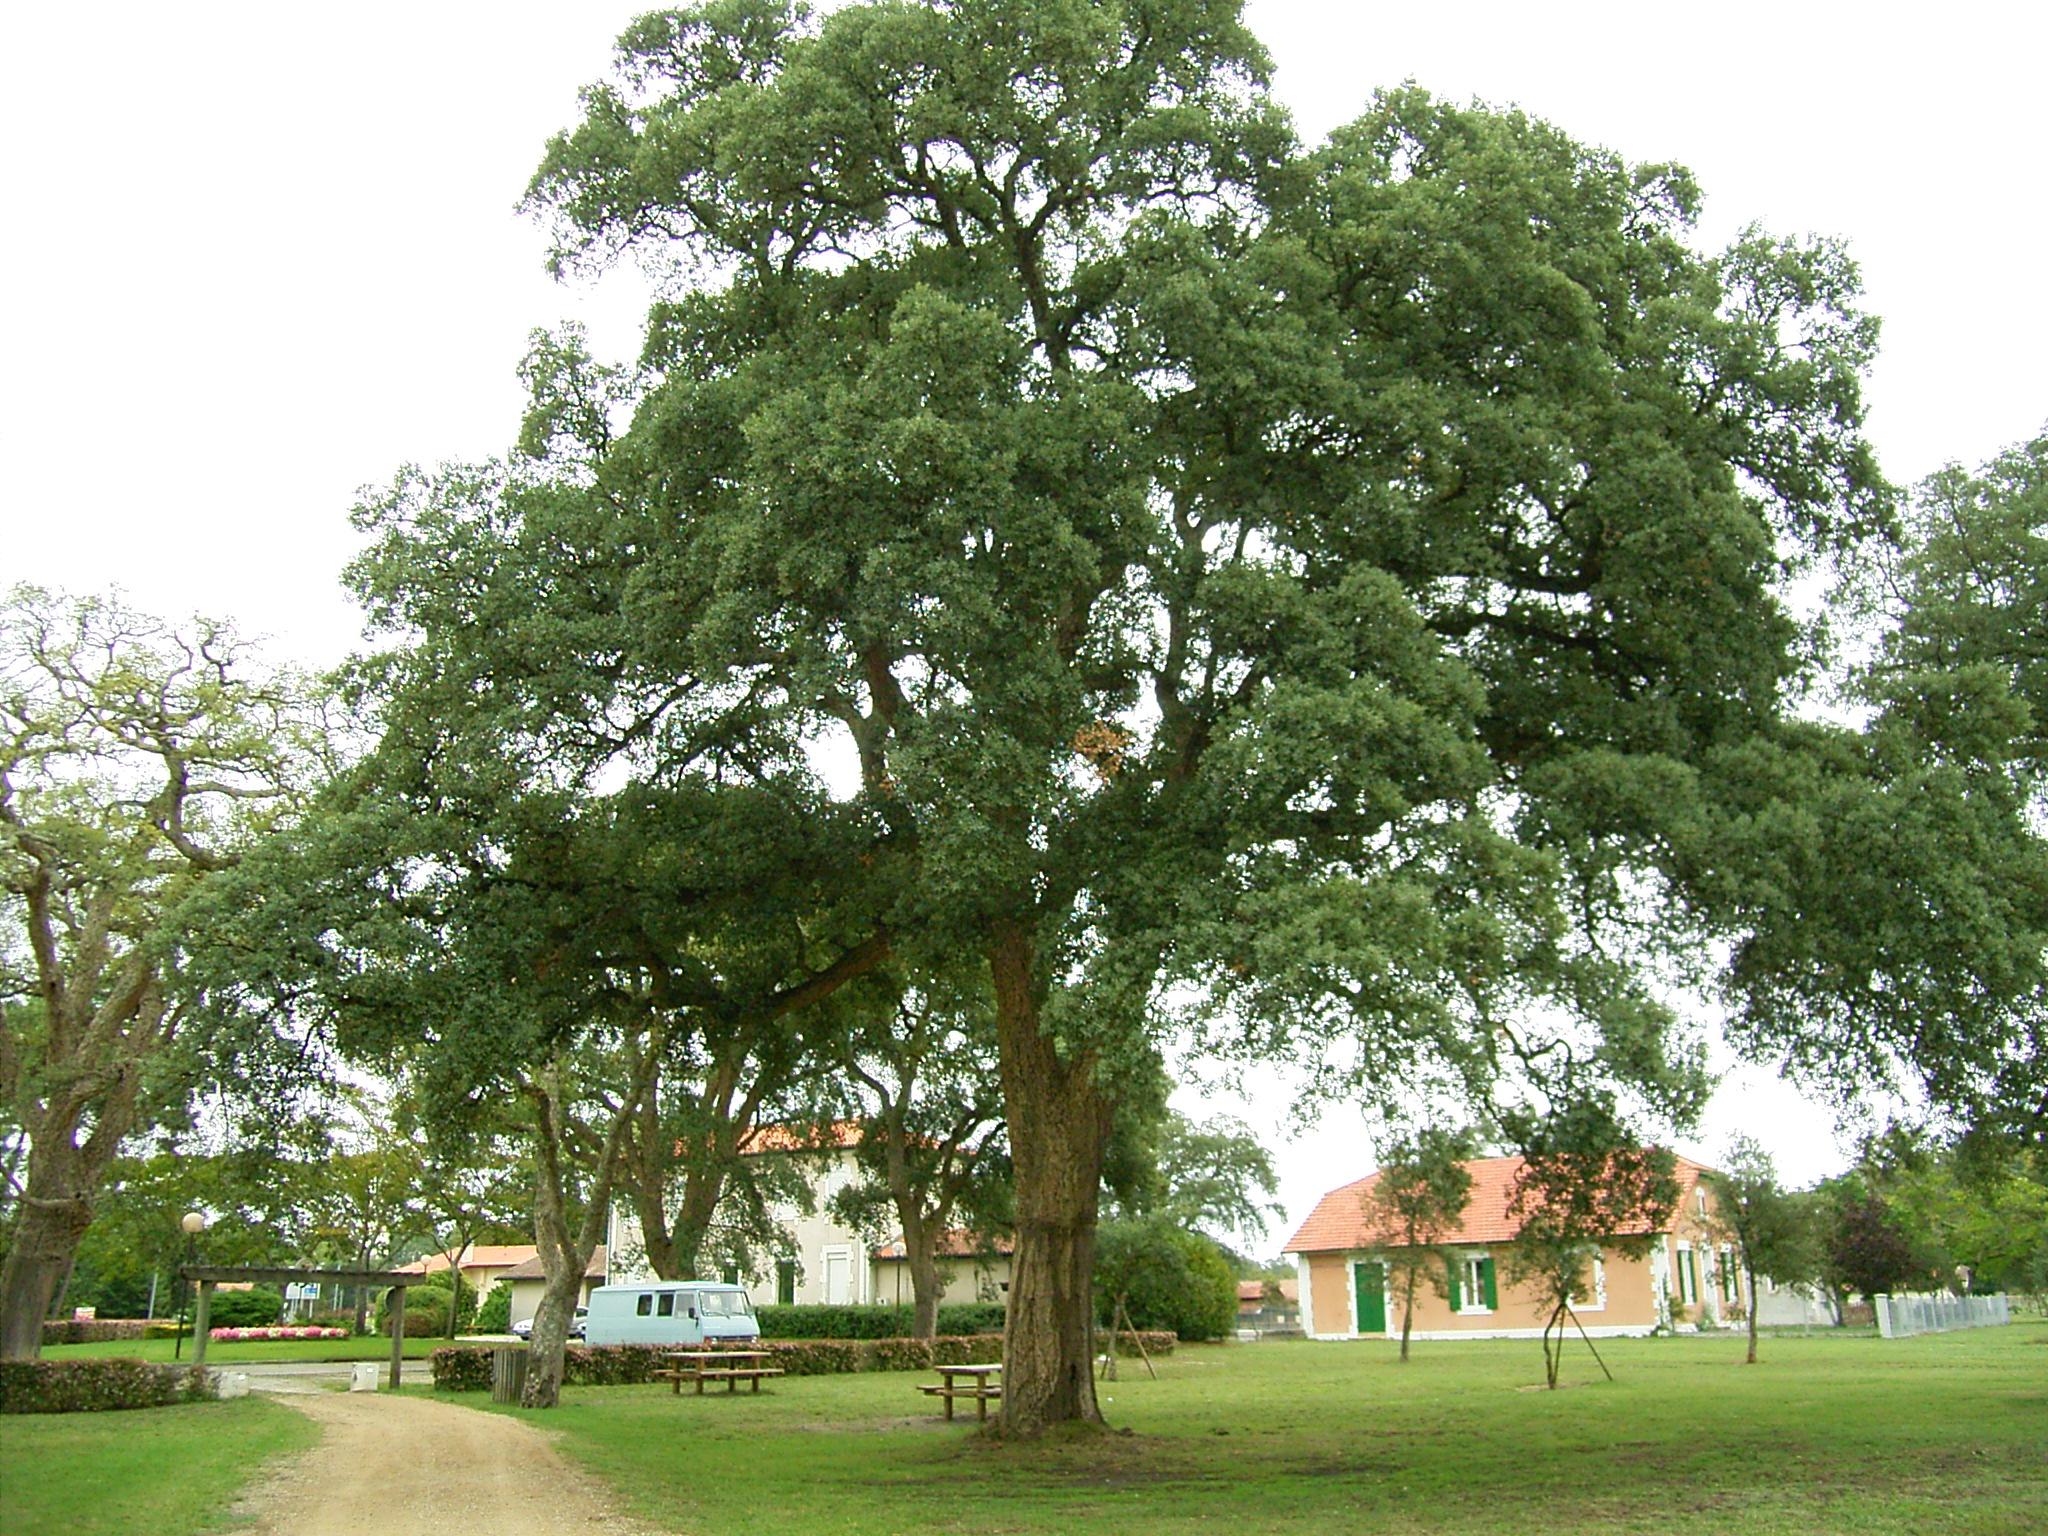 コルクの木 実はこれchene-liege (コルクガシ) コルクの木です。 ワイ... ここが